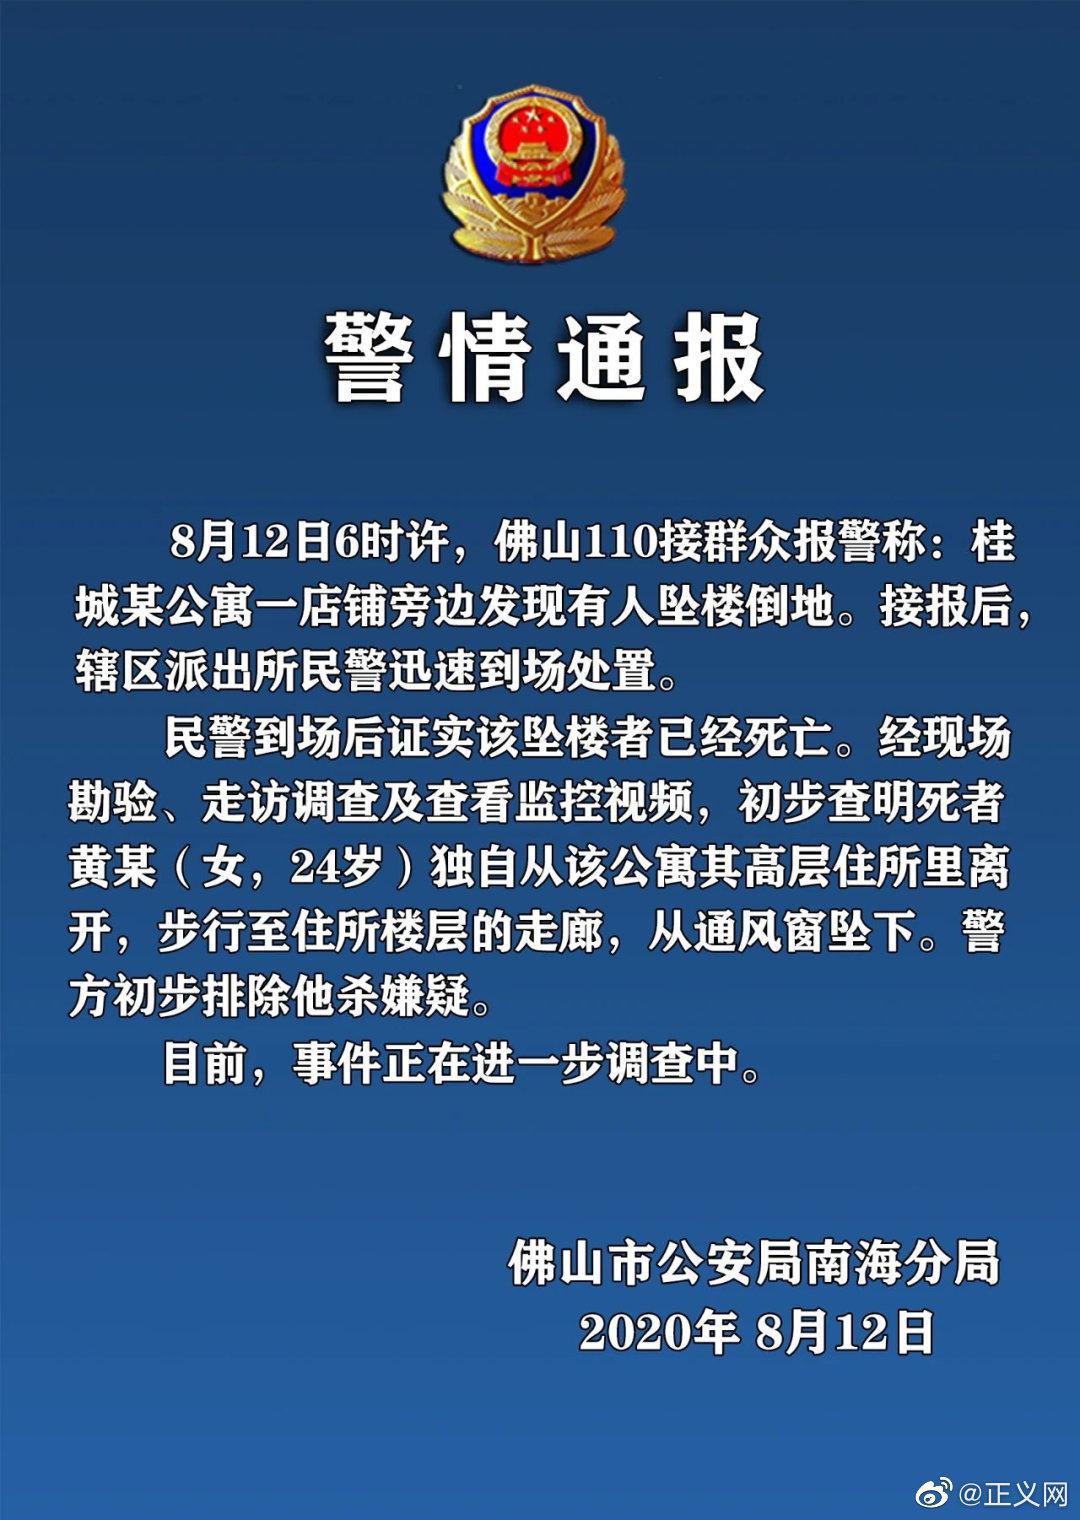 广东佛山一女子坠楼身亡 警方通报:初步排除他杀